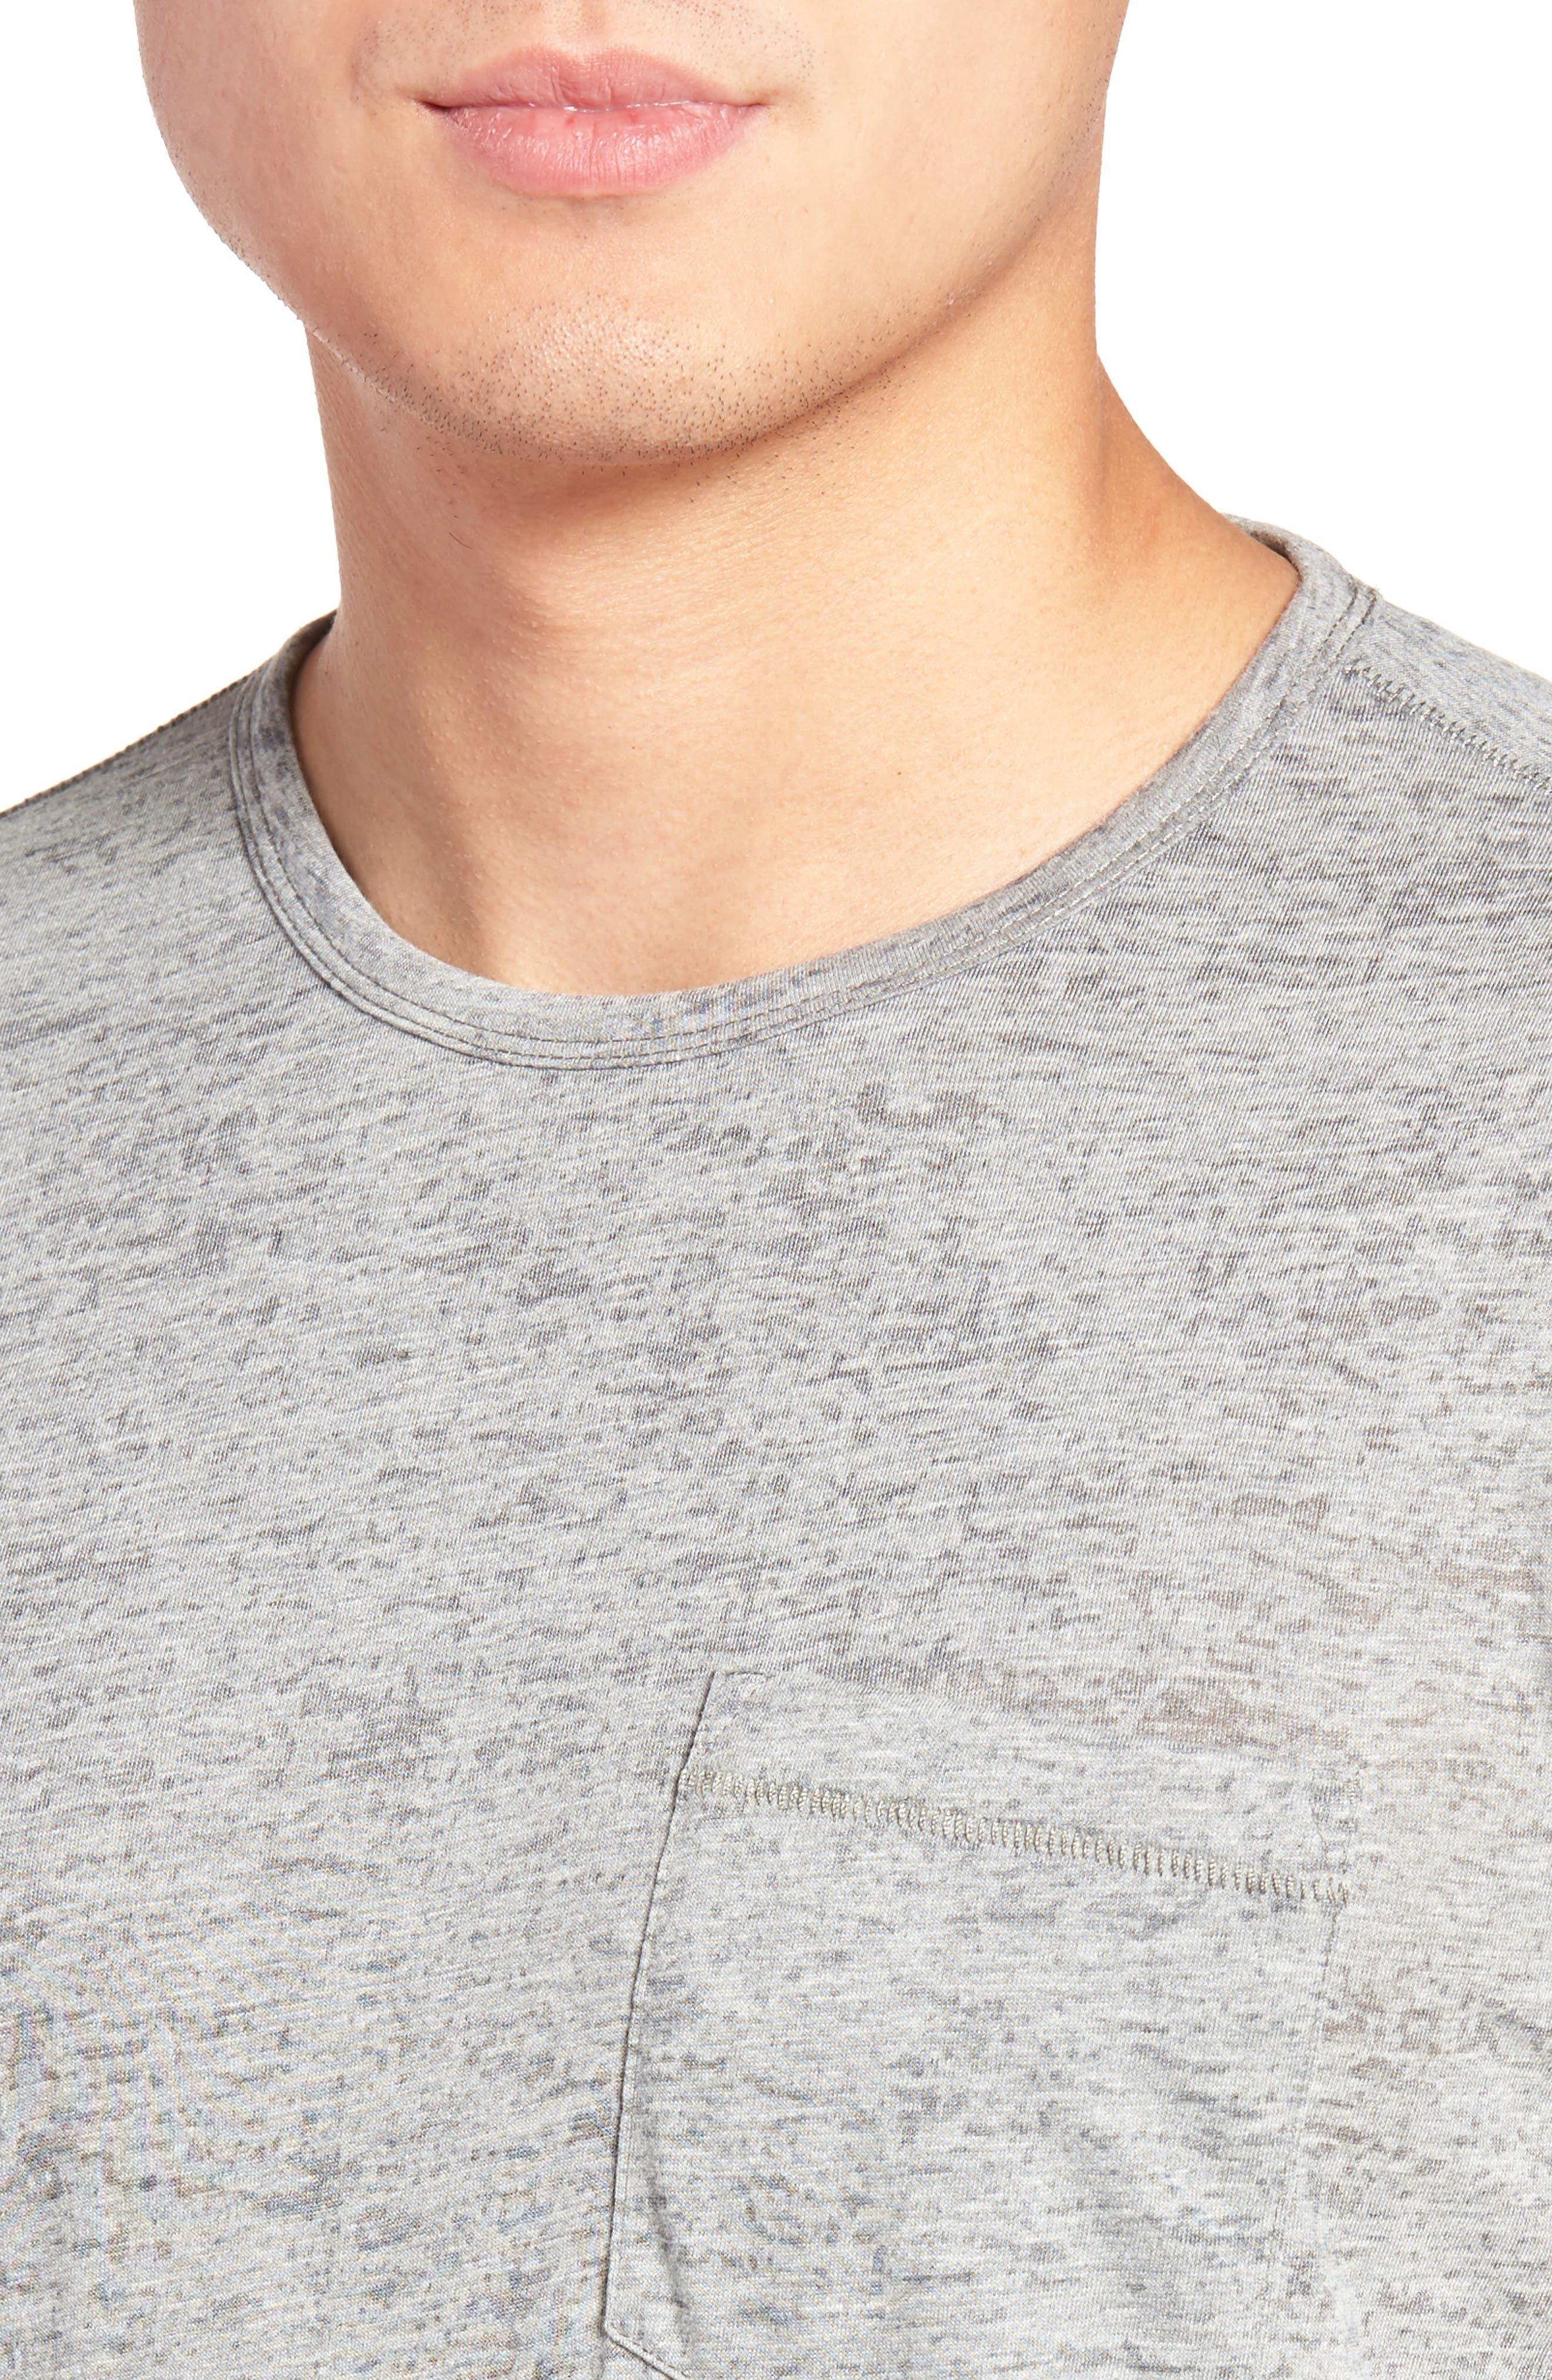 Burnout Trim Fit T-Shirt,                             Alternate thumbnail 4, color,                             LT. GREY HEATHER